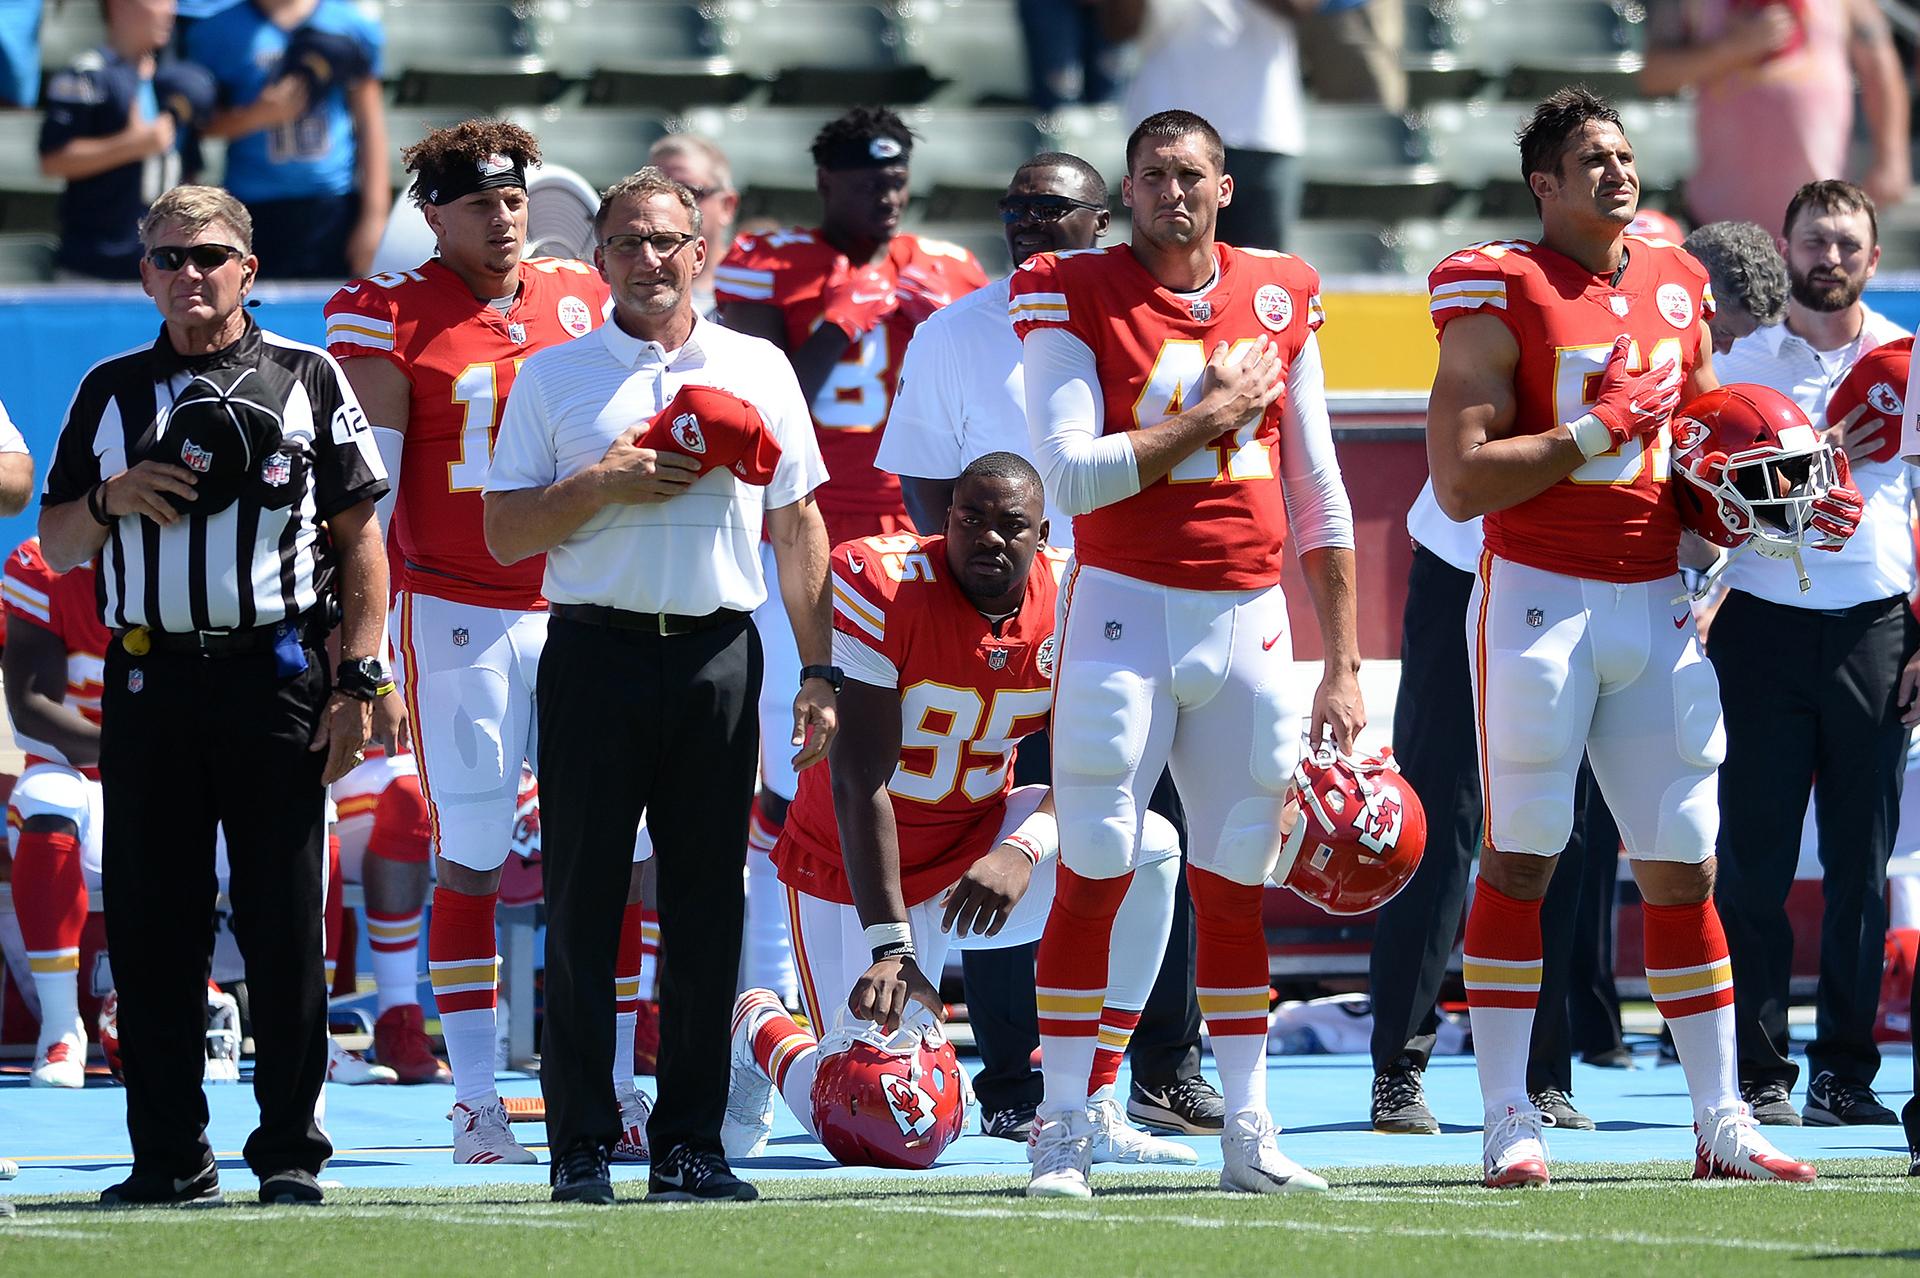 El extremo defensivo de Kansas City Chiefs Chris Jones (95) se arrodilla en protesta durante el himno nacional antes del partido contra los Chargers de Los Ángeles en el Centro StubHub.